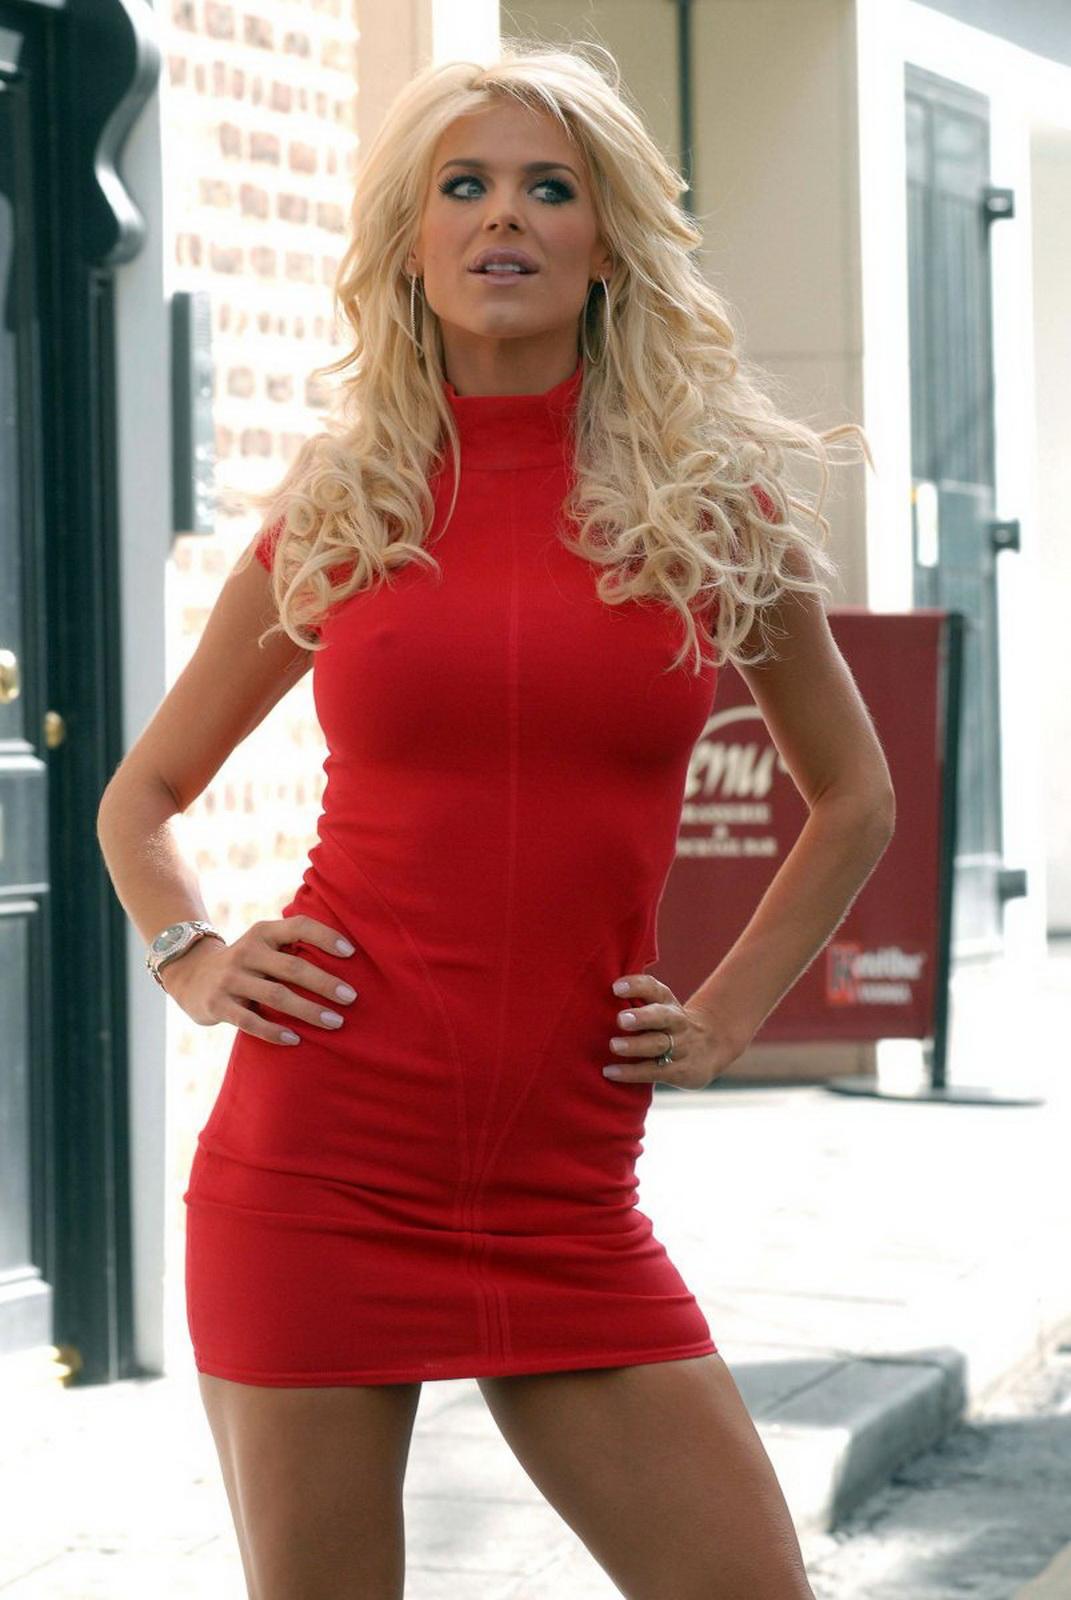 World Celebritie Celebrity Victoria Silvstedt Big Boobs -8993